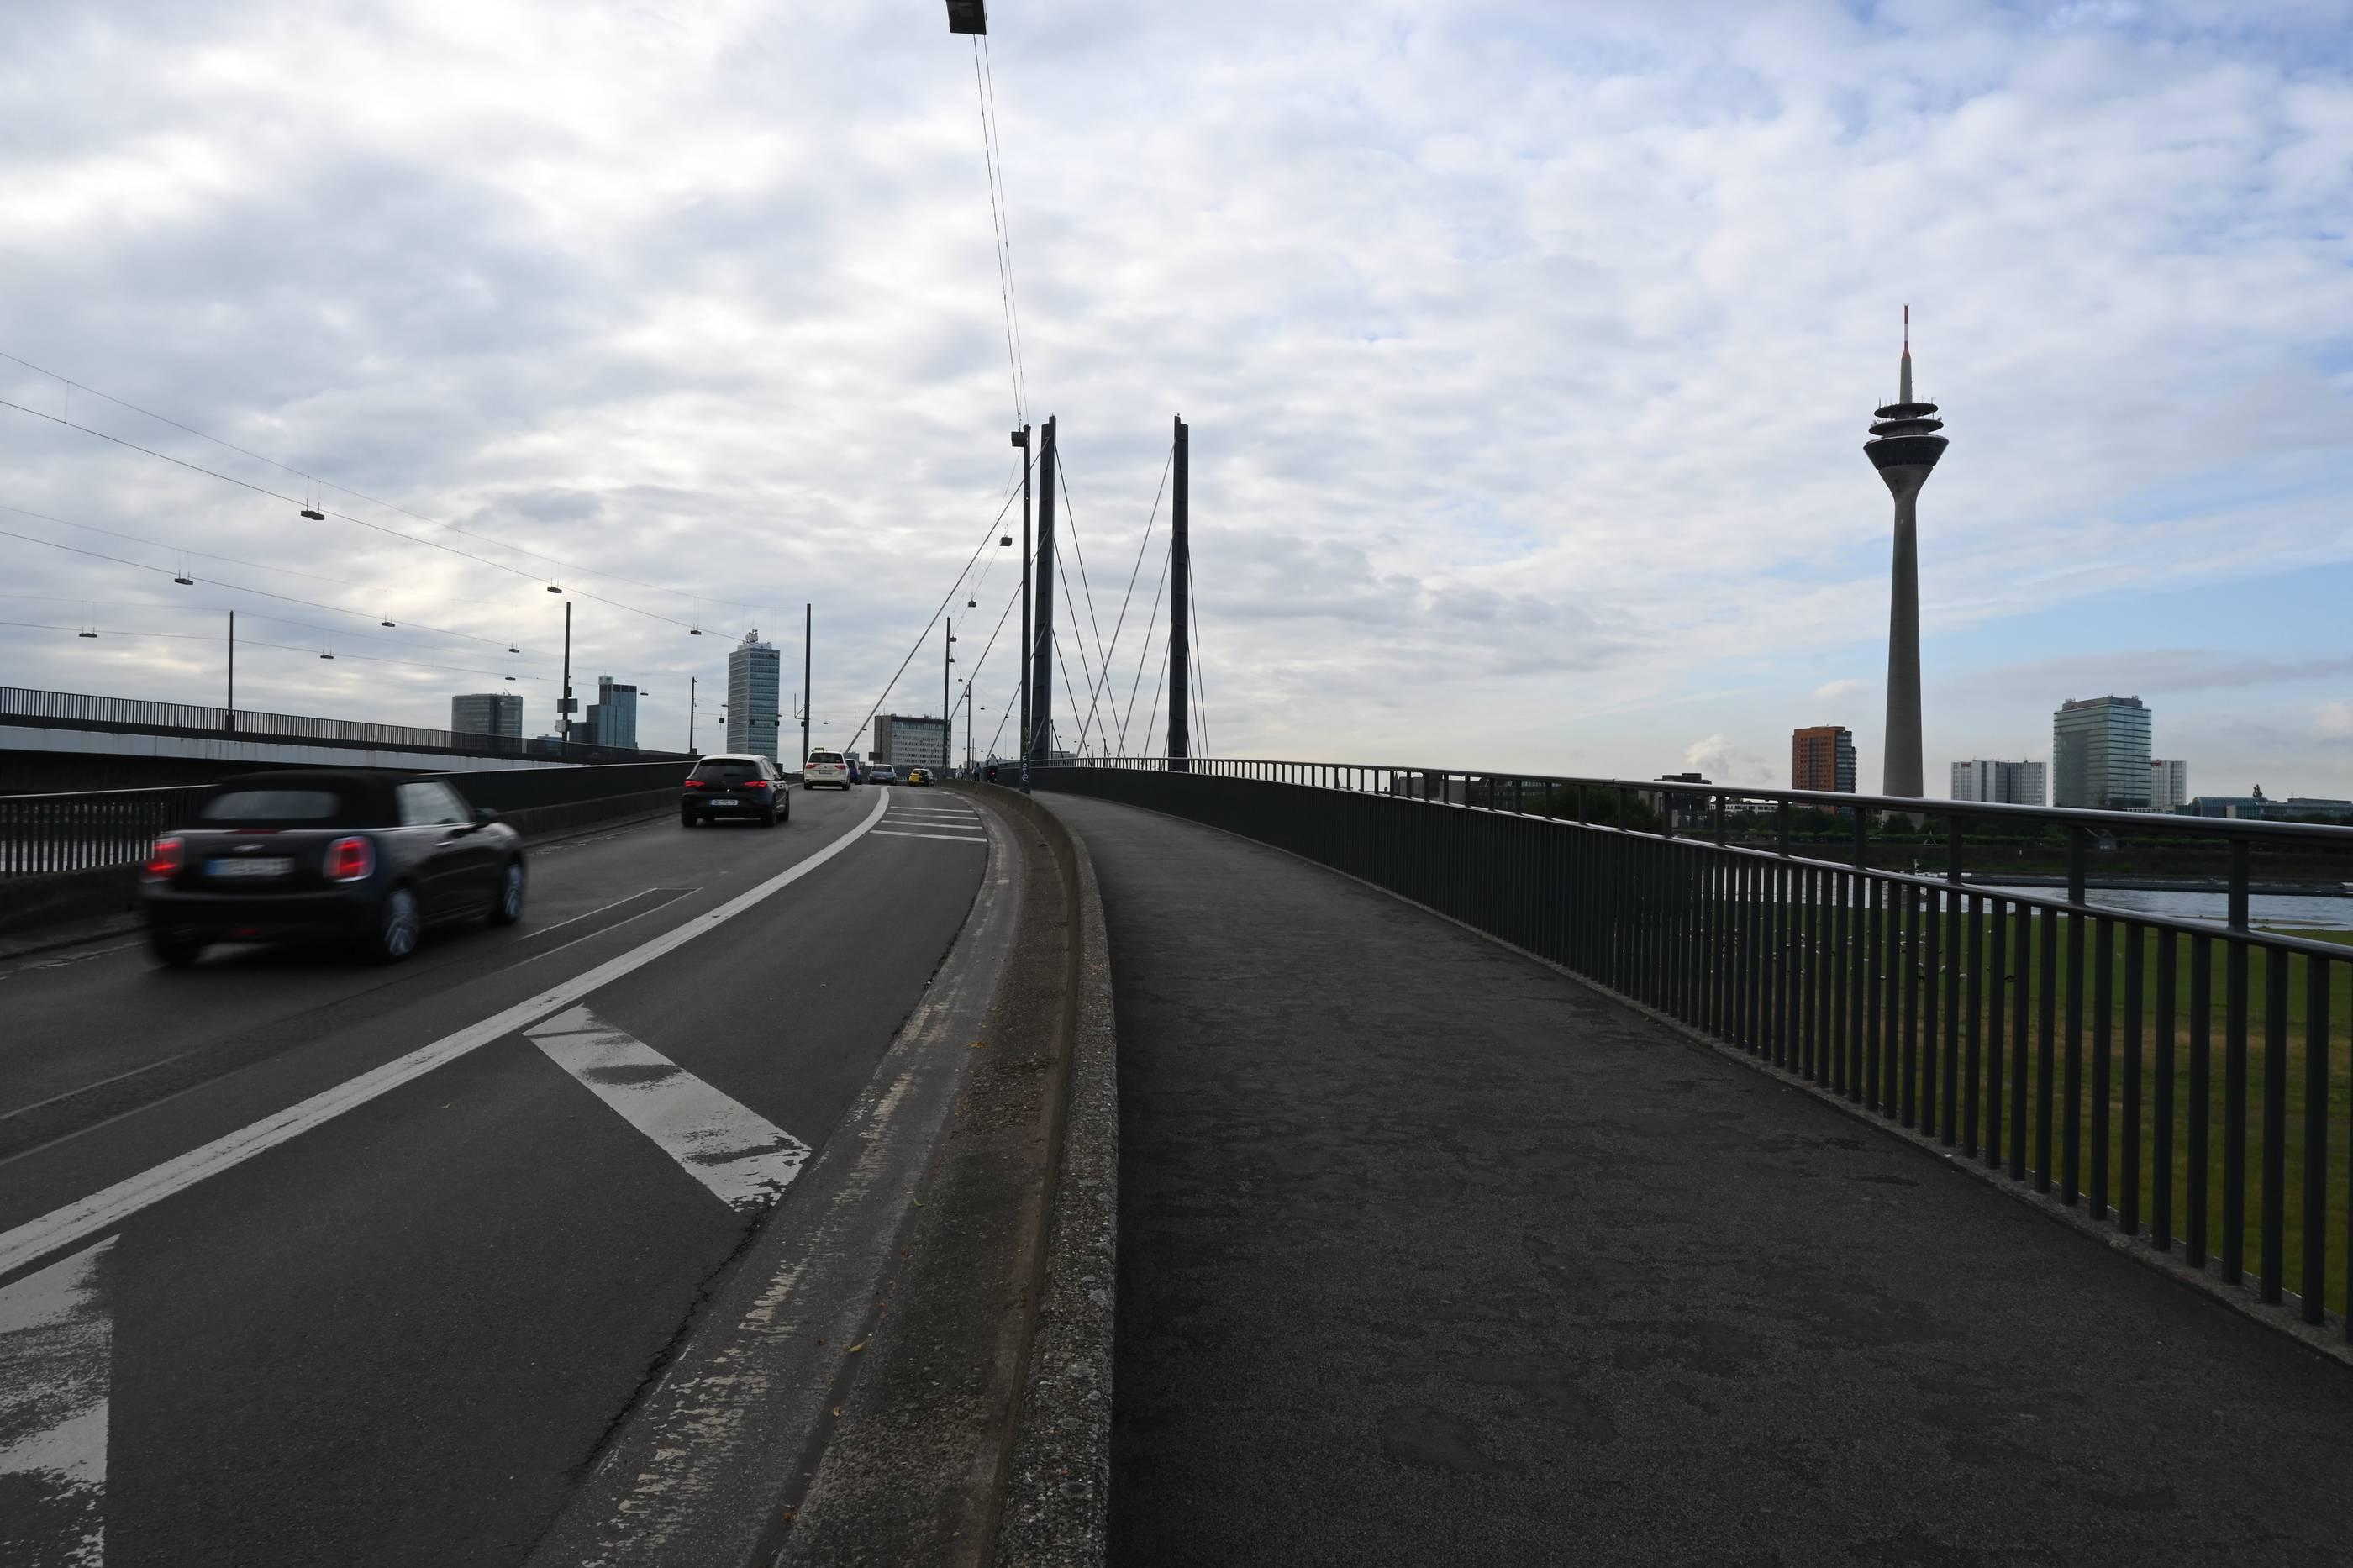 Rheinalleetunnel